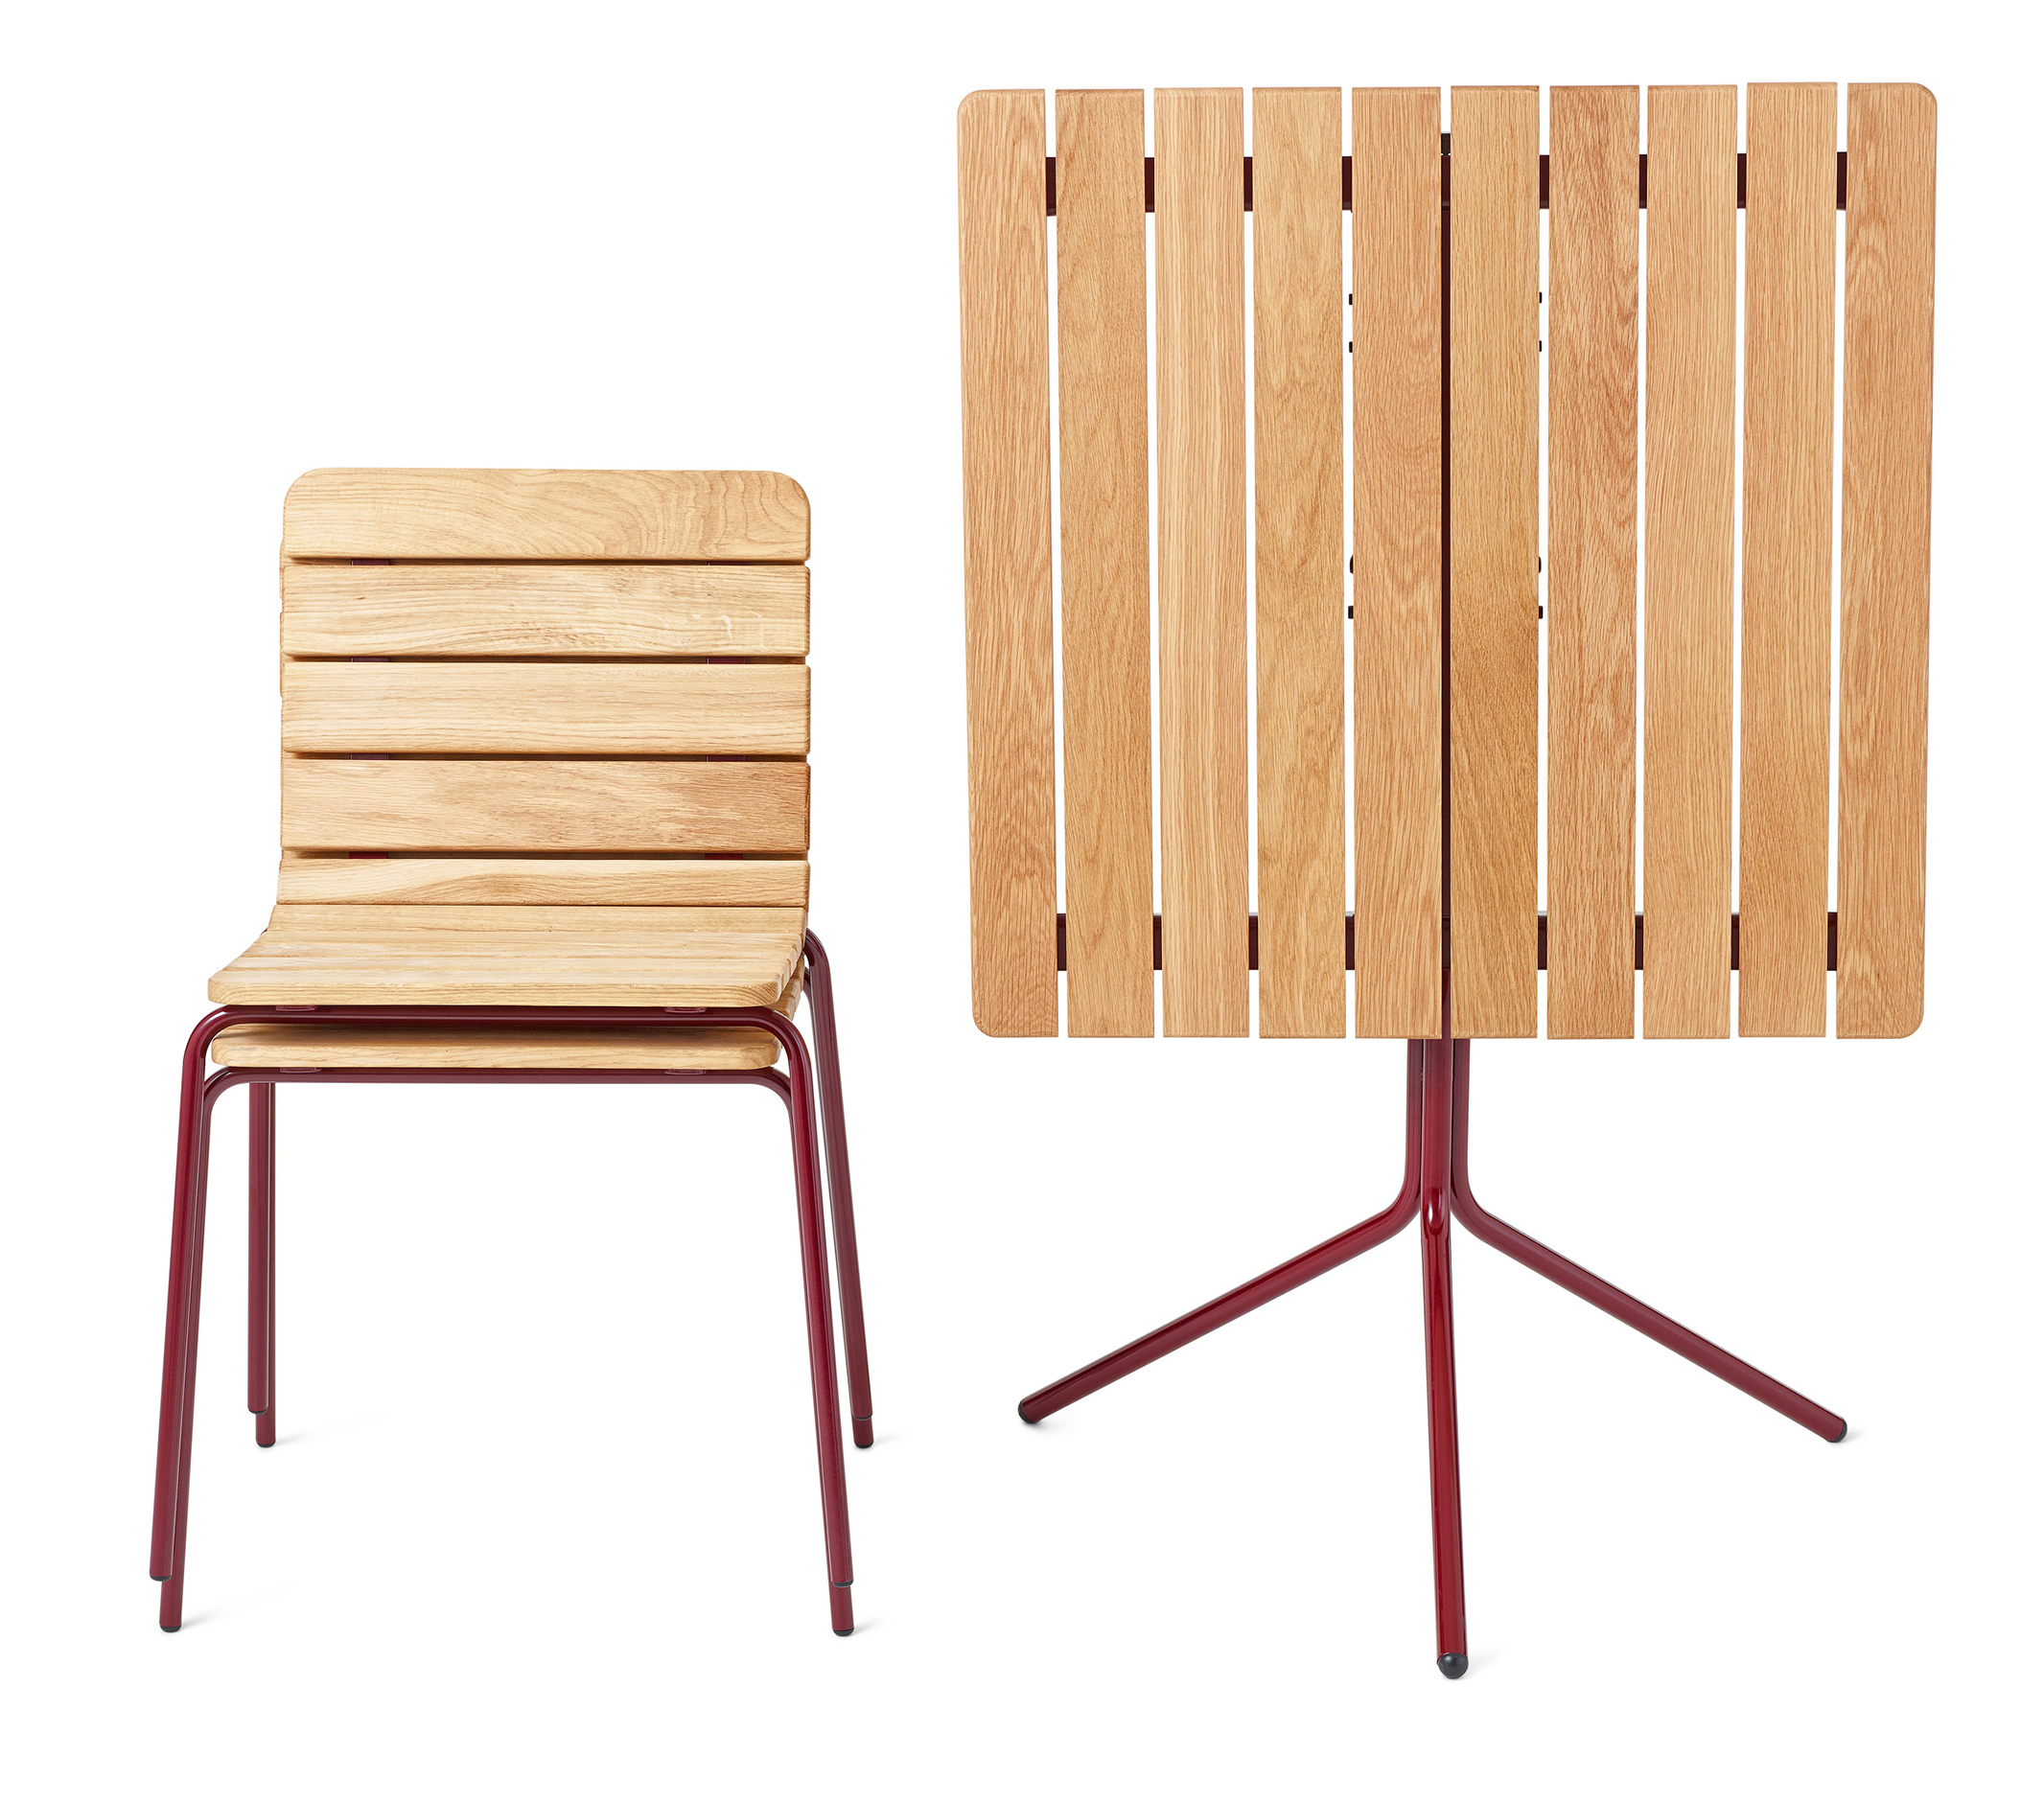 11th stoel is stapelbaar en frame beschikbaar in kleur